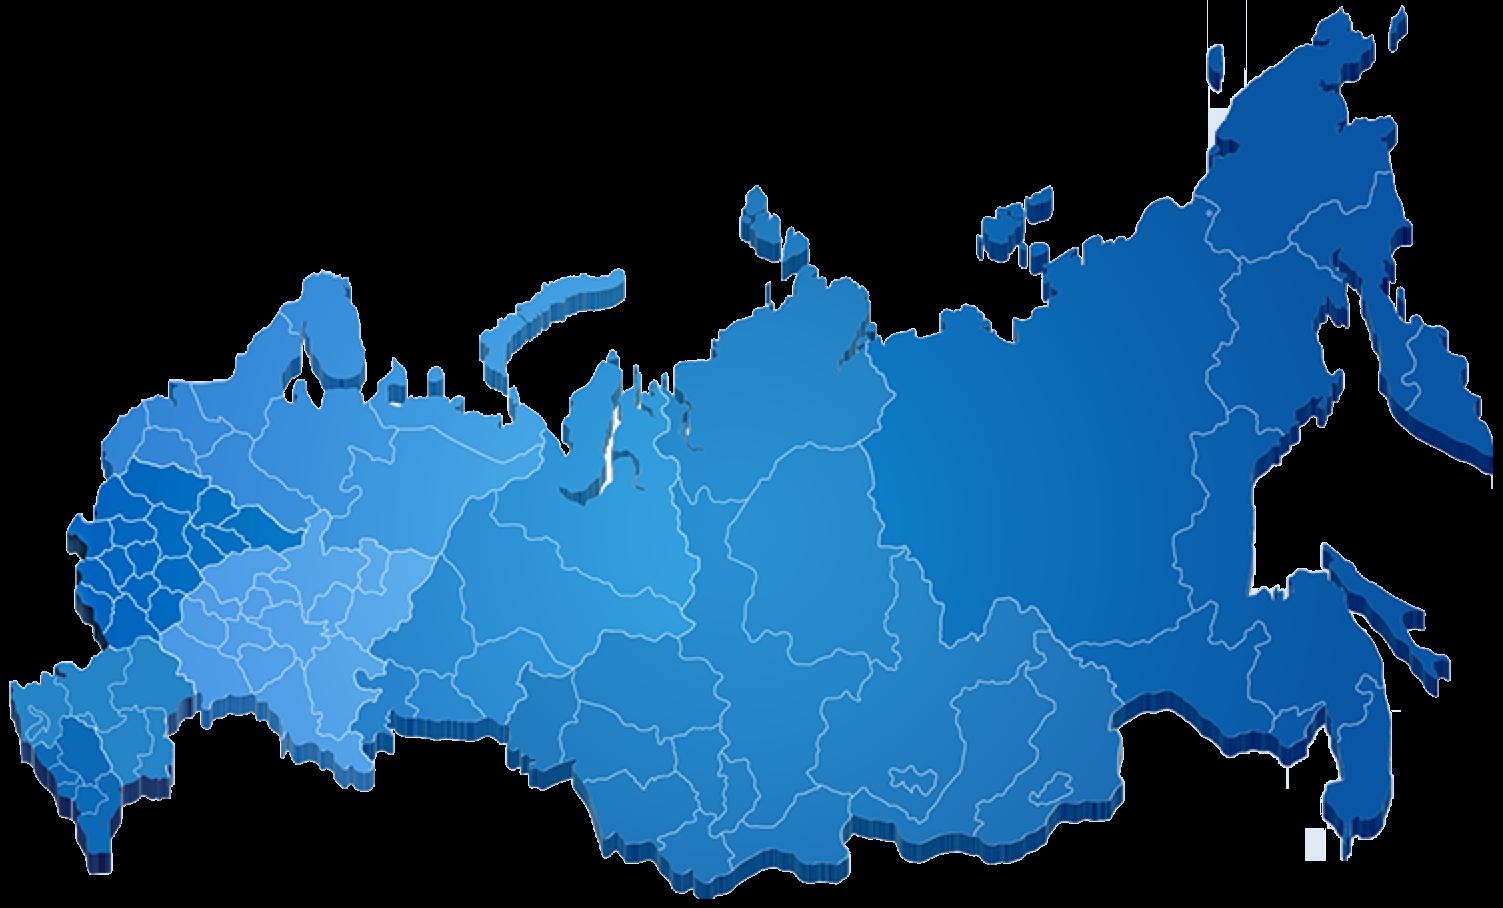 основном это территория россии в картинках время